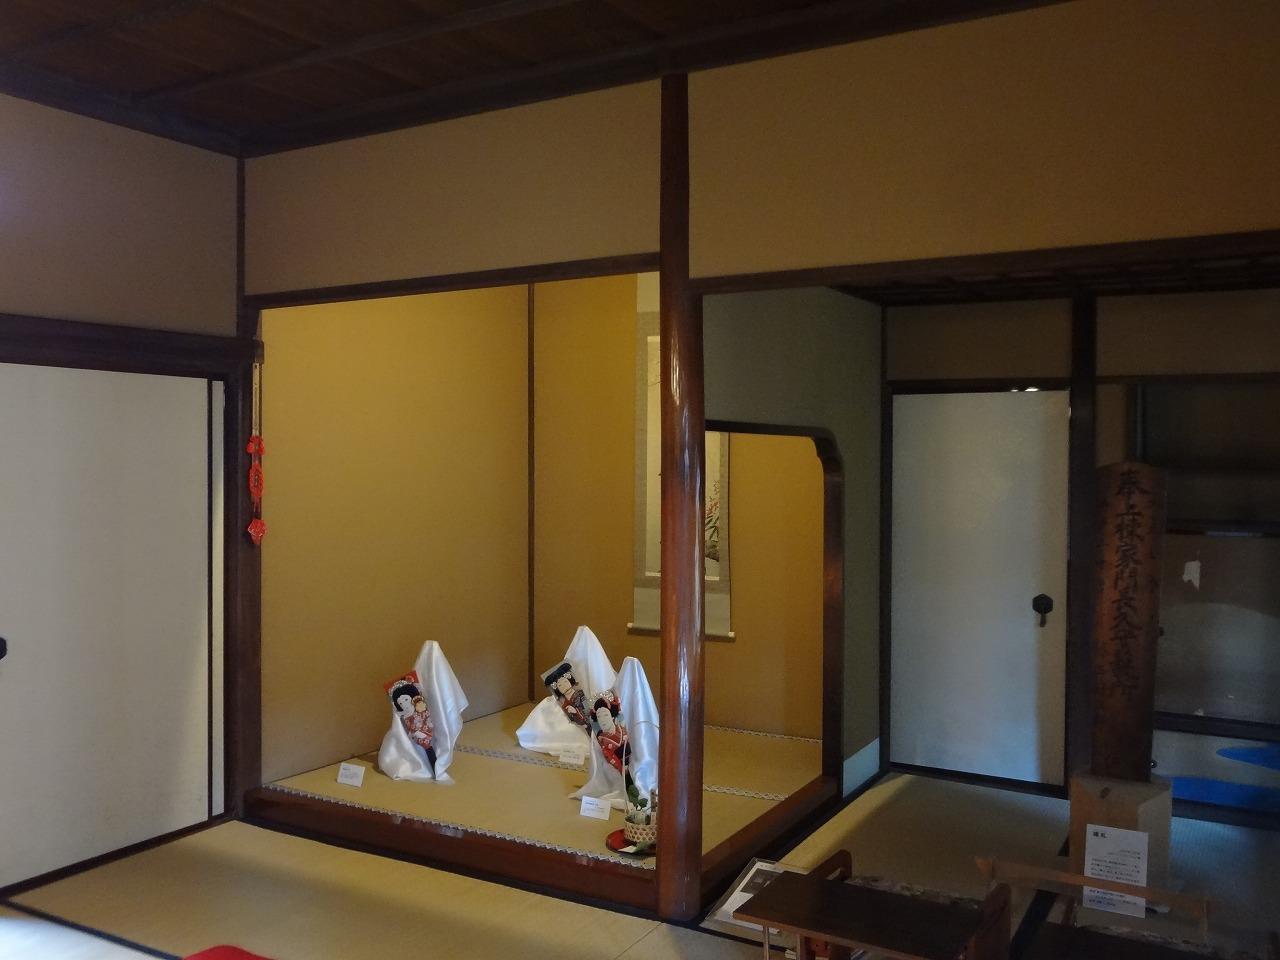 和風建築の魅力あふれるお屋敷│旧安田楠雄邸見学_b0274159_11273745.jpg